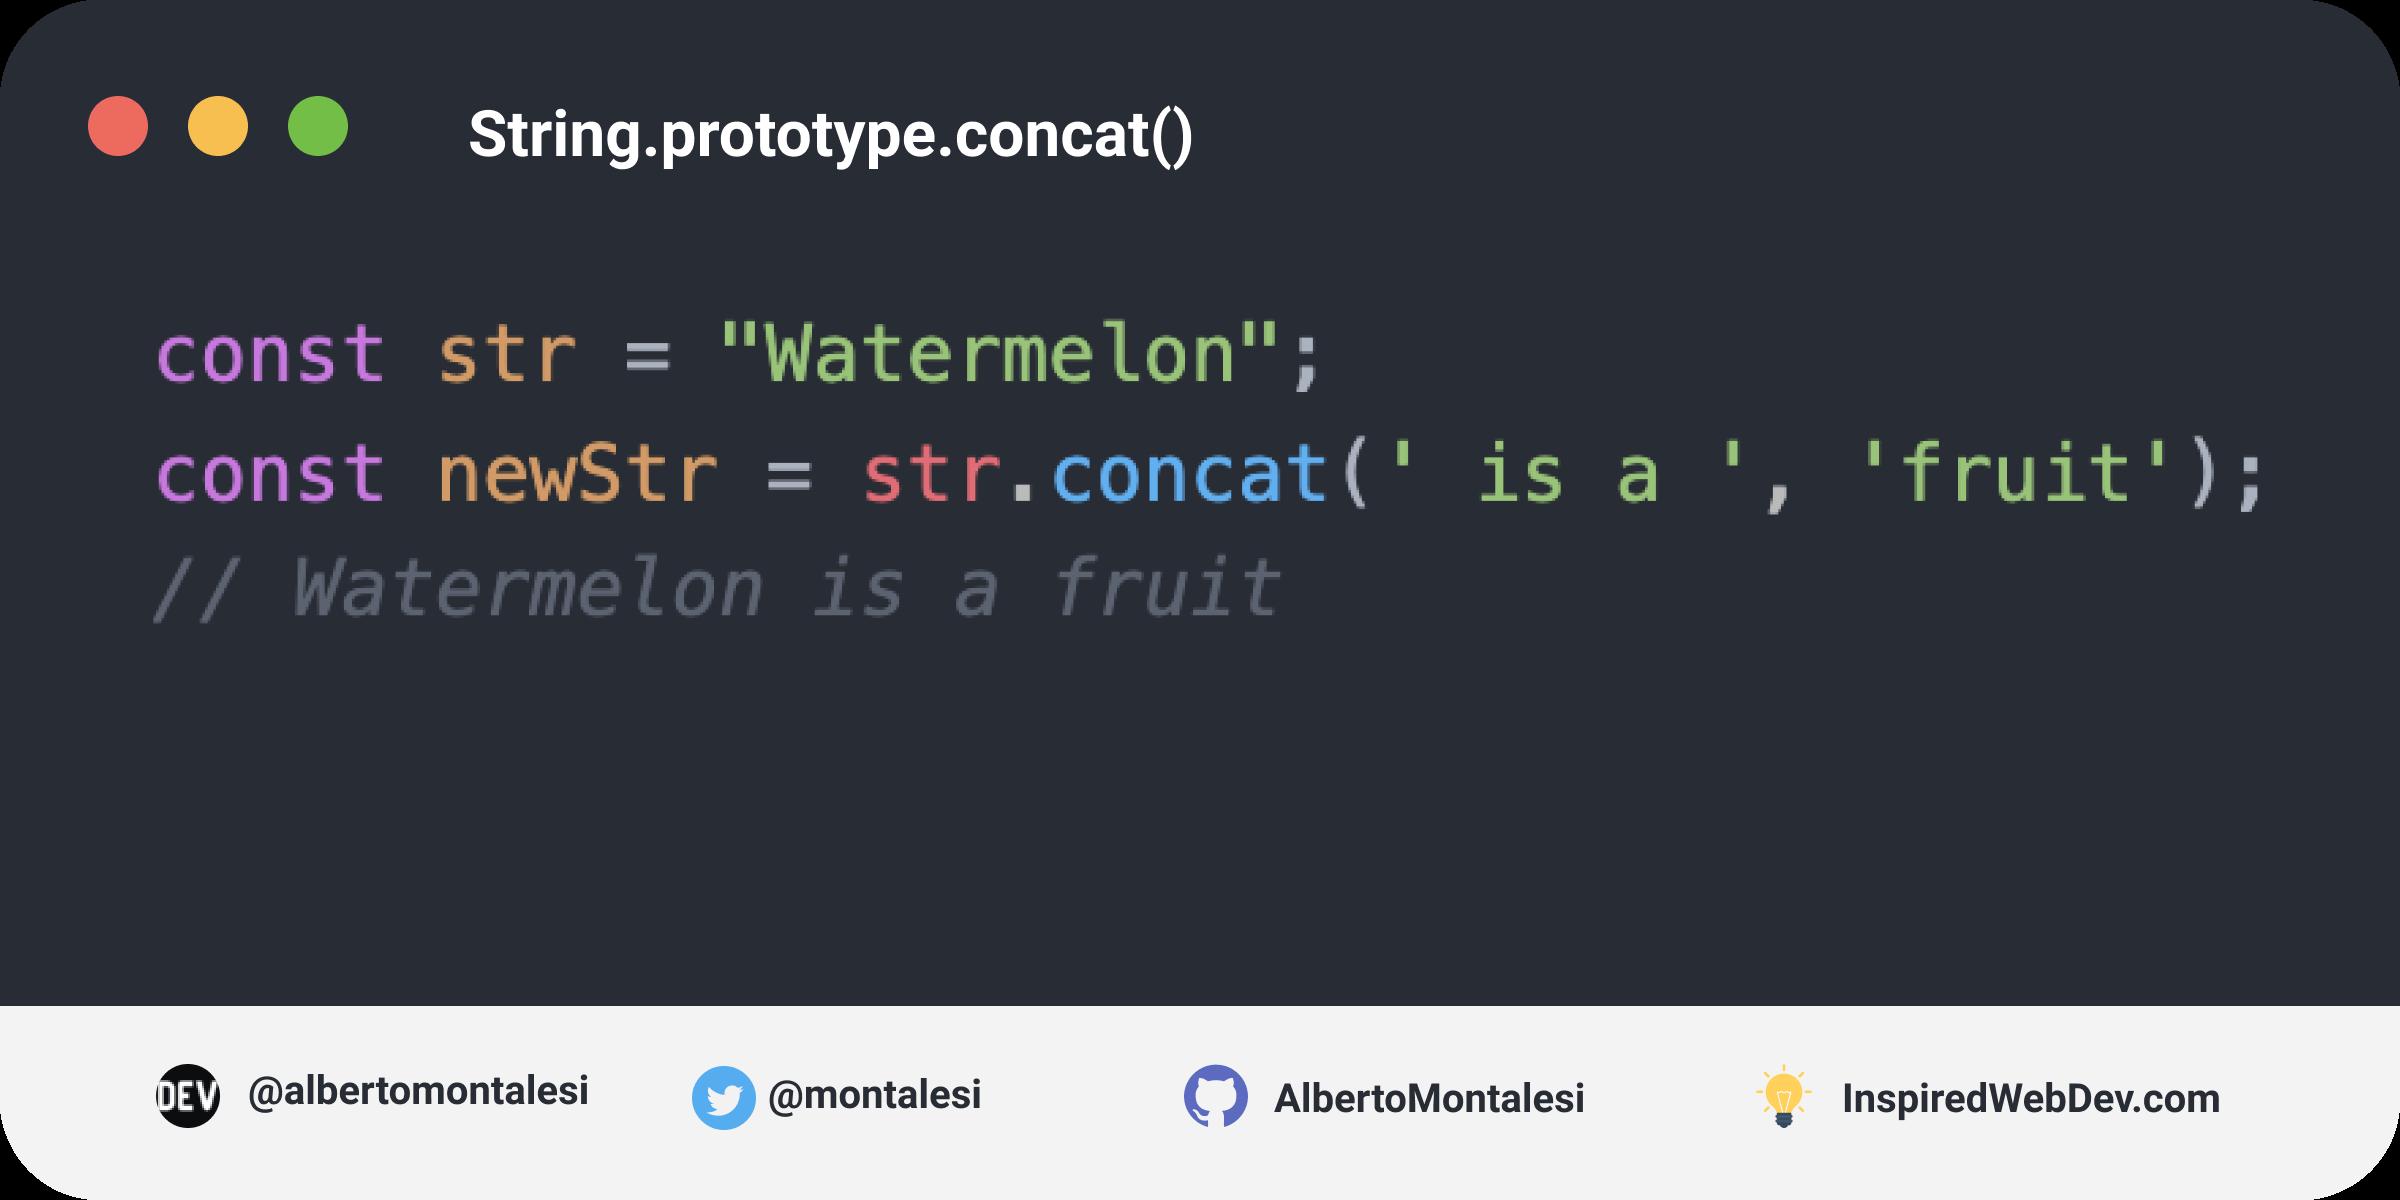 String.prototype.concat()